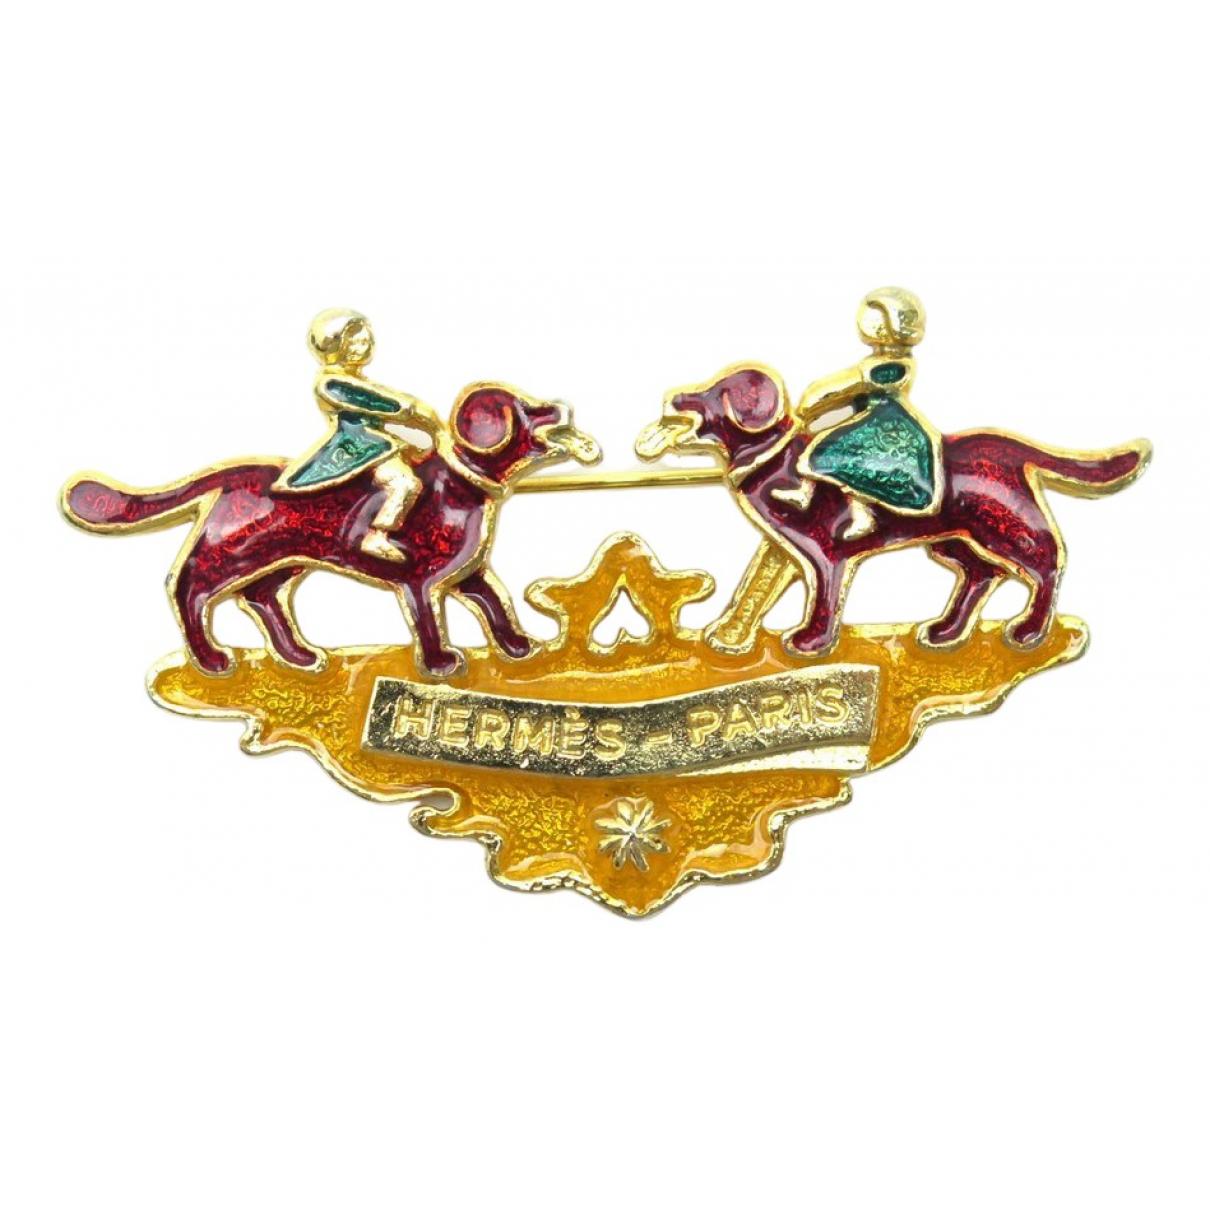 Collar Collier de chien  Hermes